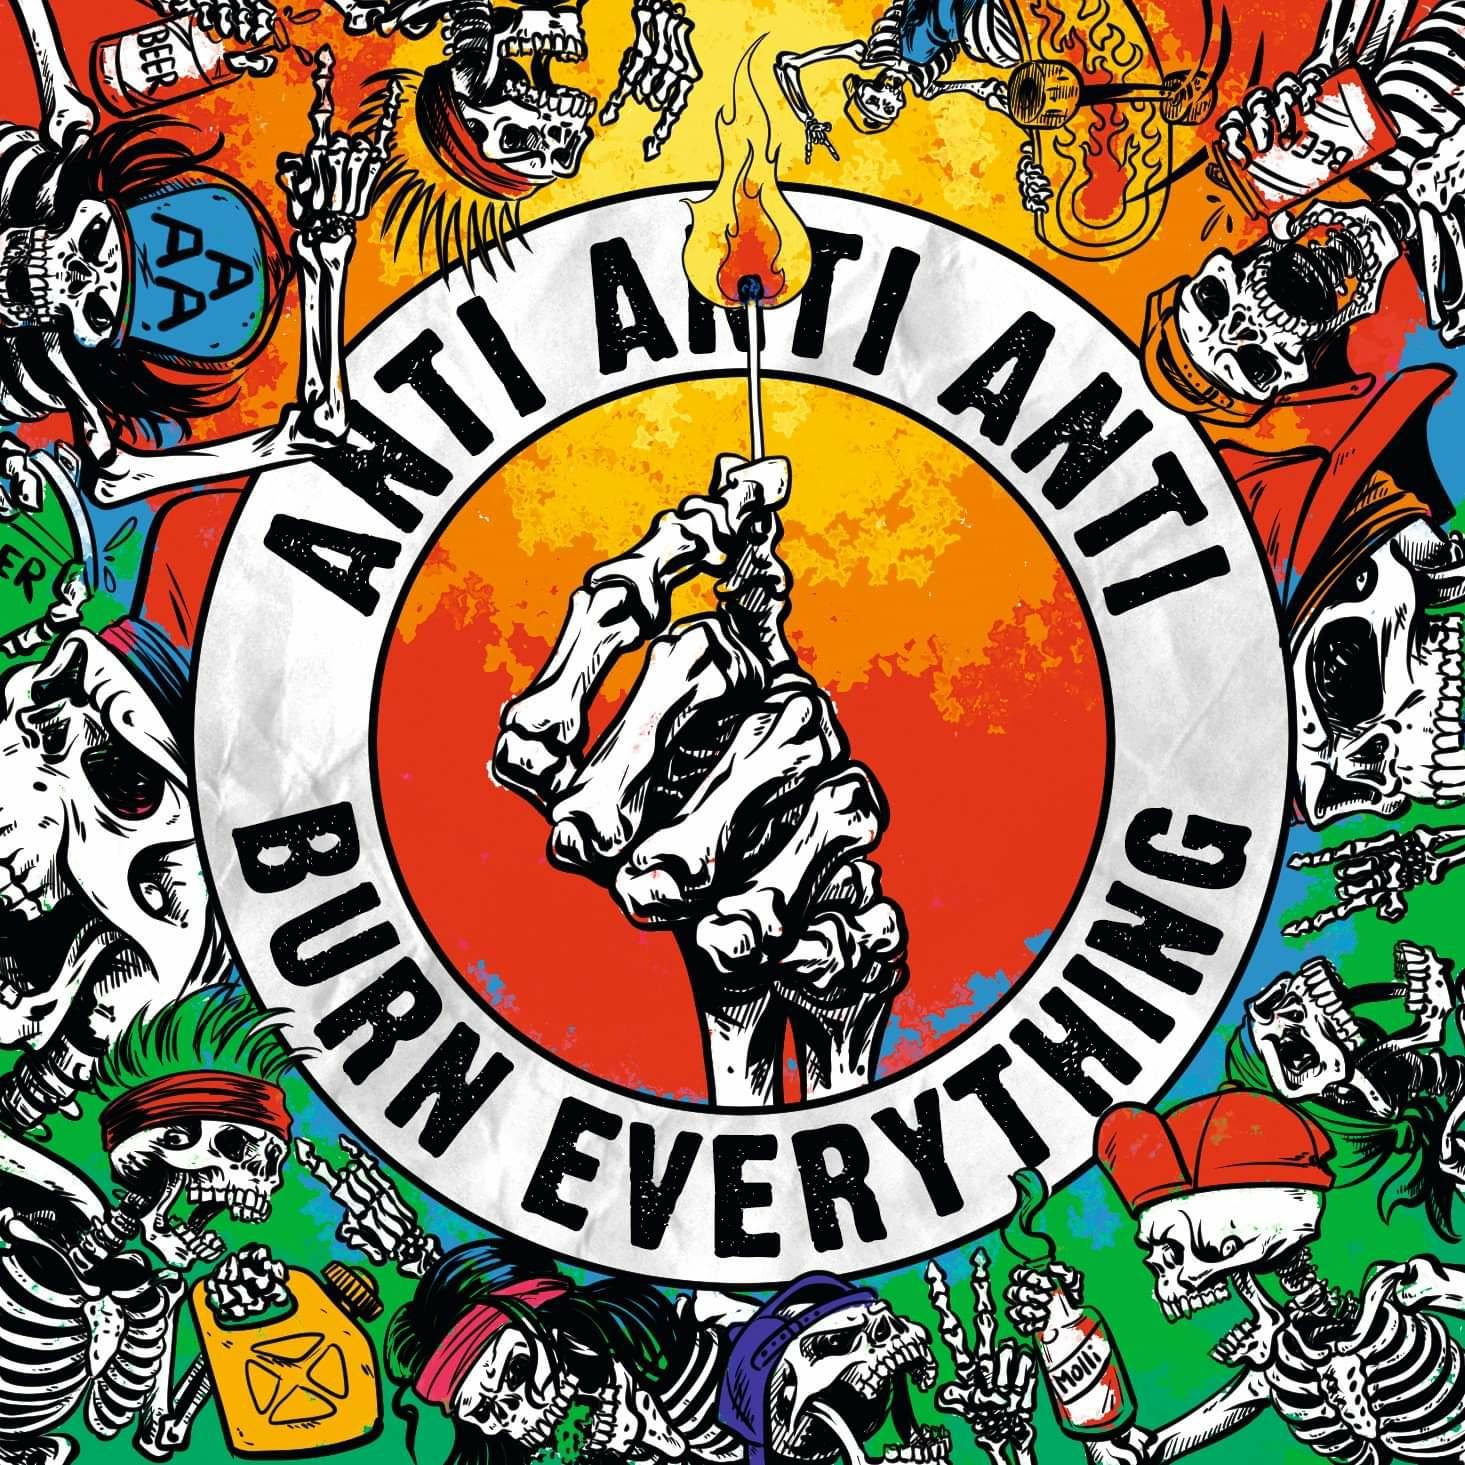 anti-anti-anti-burn-everything-ein-album-review